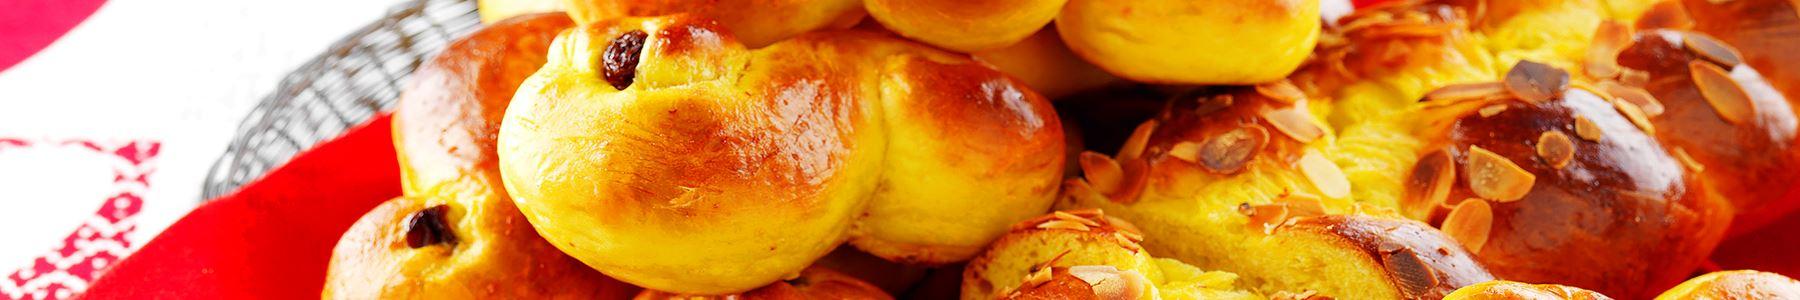 Ägg + Saffran + Bakning